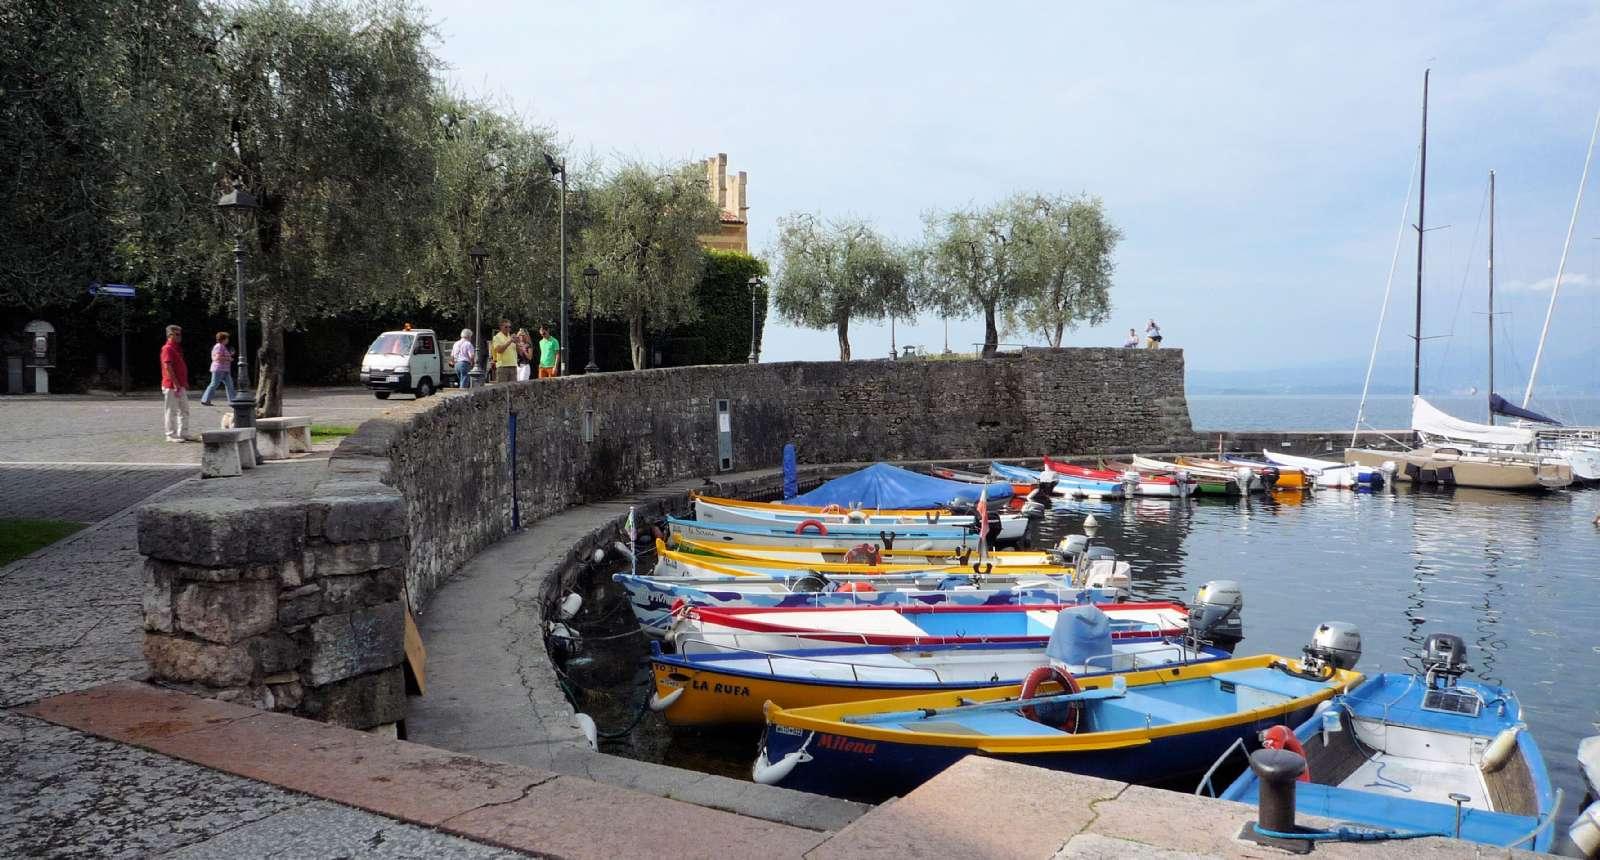 Udsnit af lystbådehavnen ud for fæstningen Scaligero